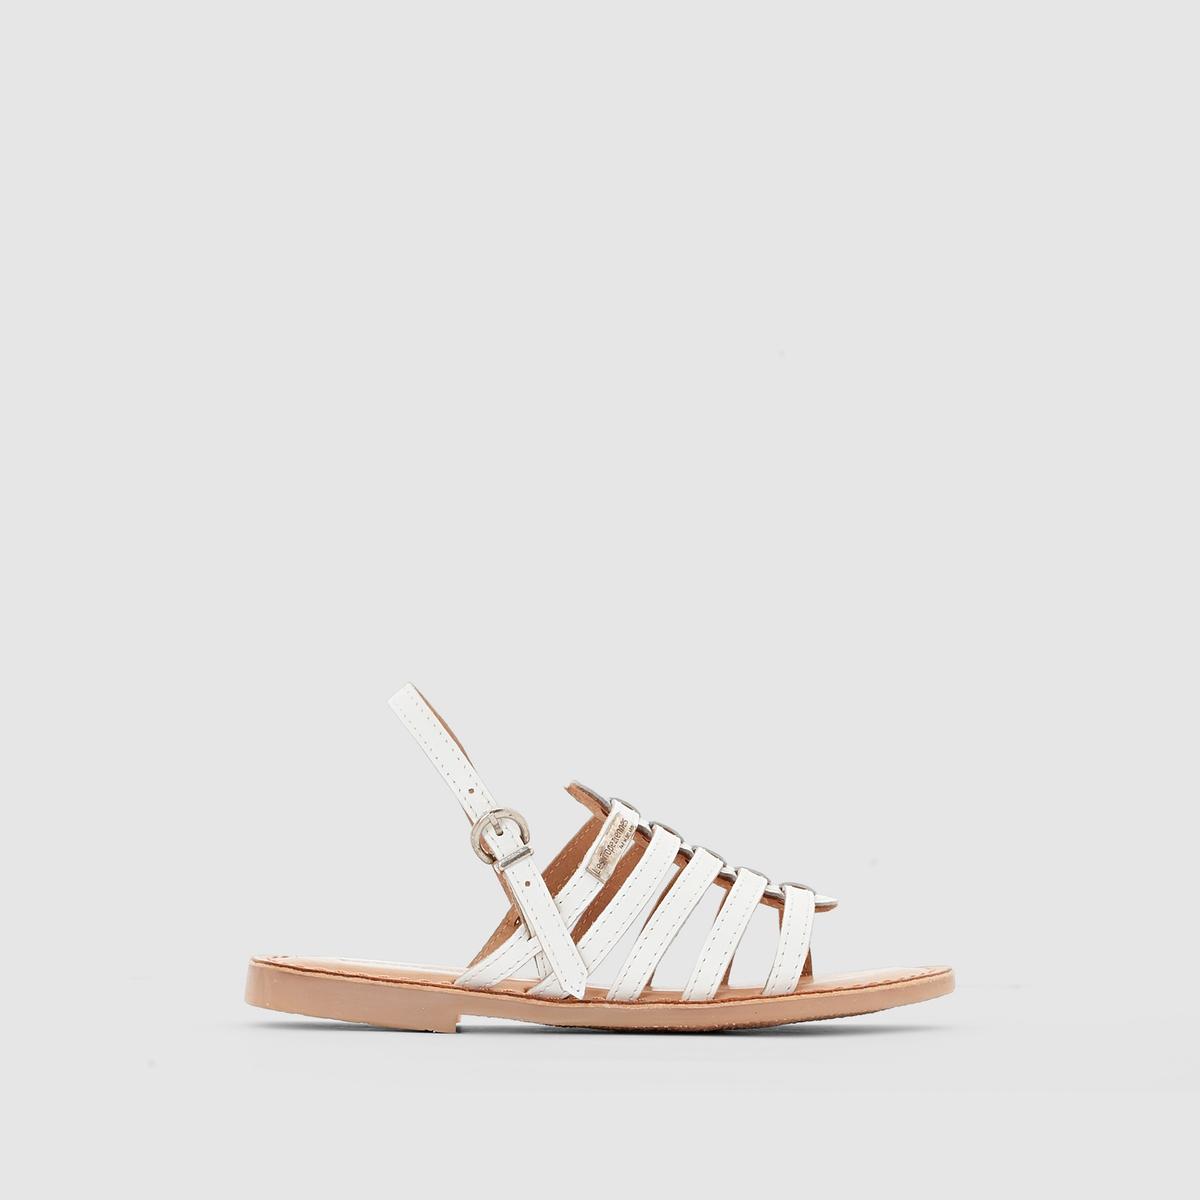 Сандалии из кожи с ремешкамиМягкие и удобные сандалии от M. Belarbi: комфорт и стиль!<br><br>Цвет: белый<br>Размер: 29.30.31